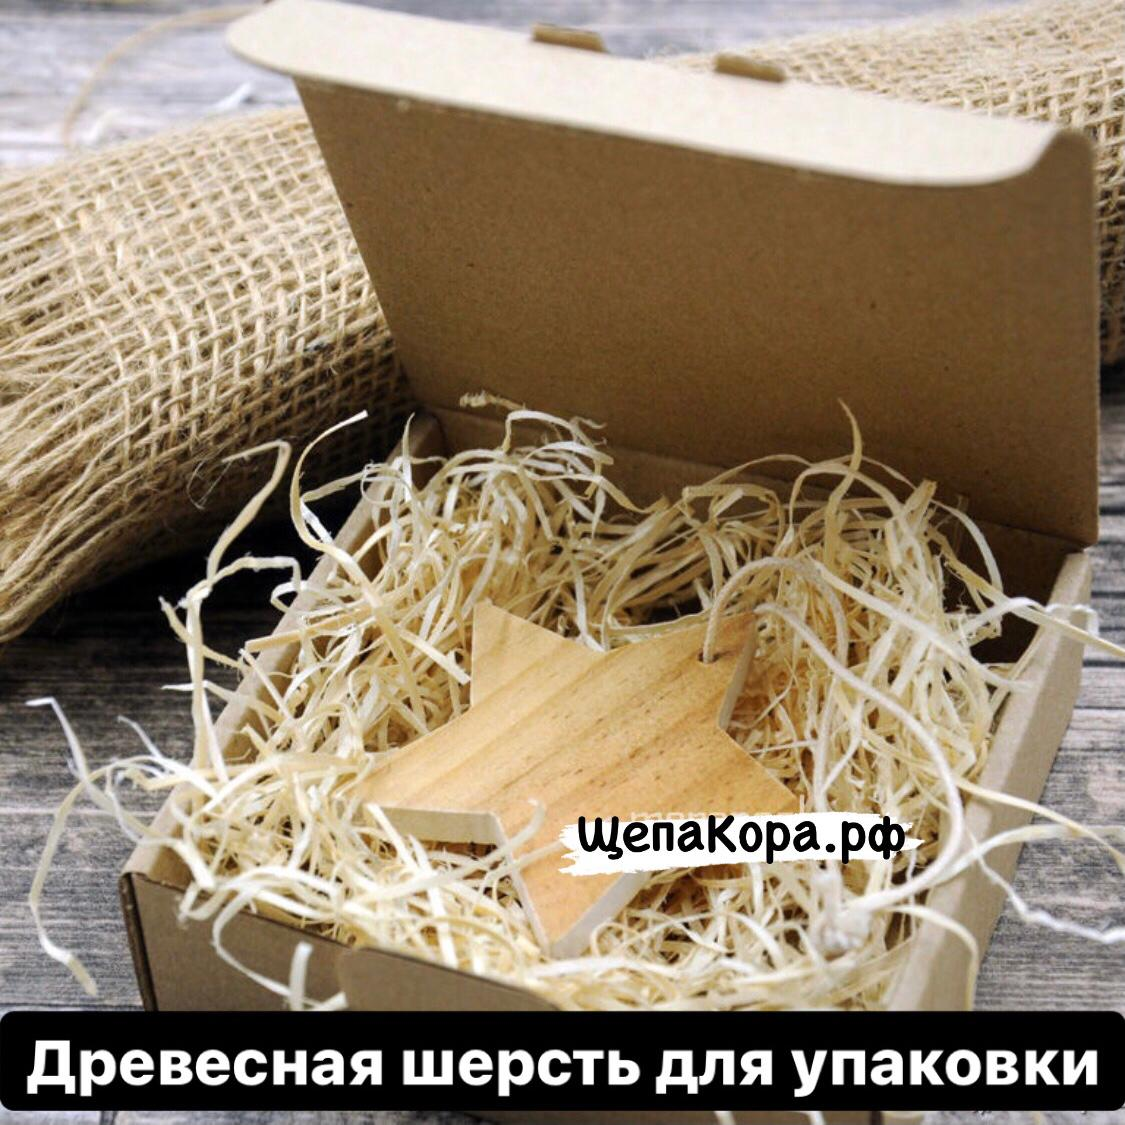 древесная шерсть для упаковки